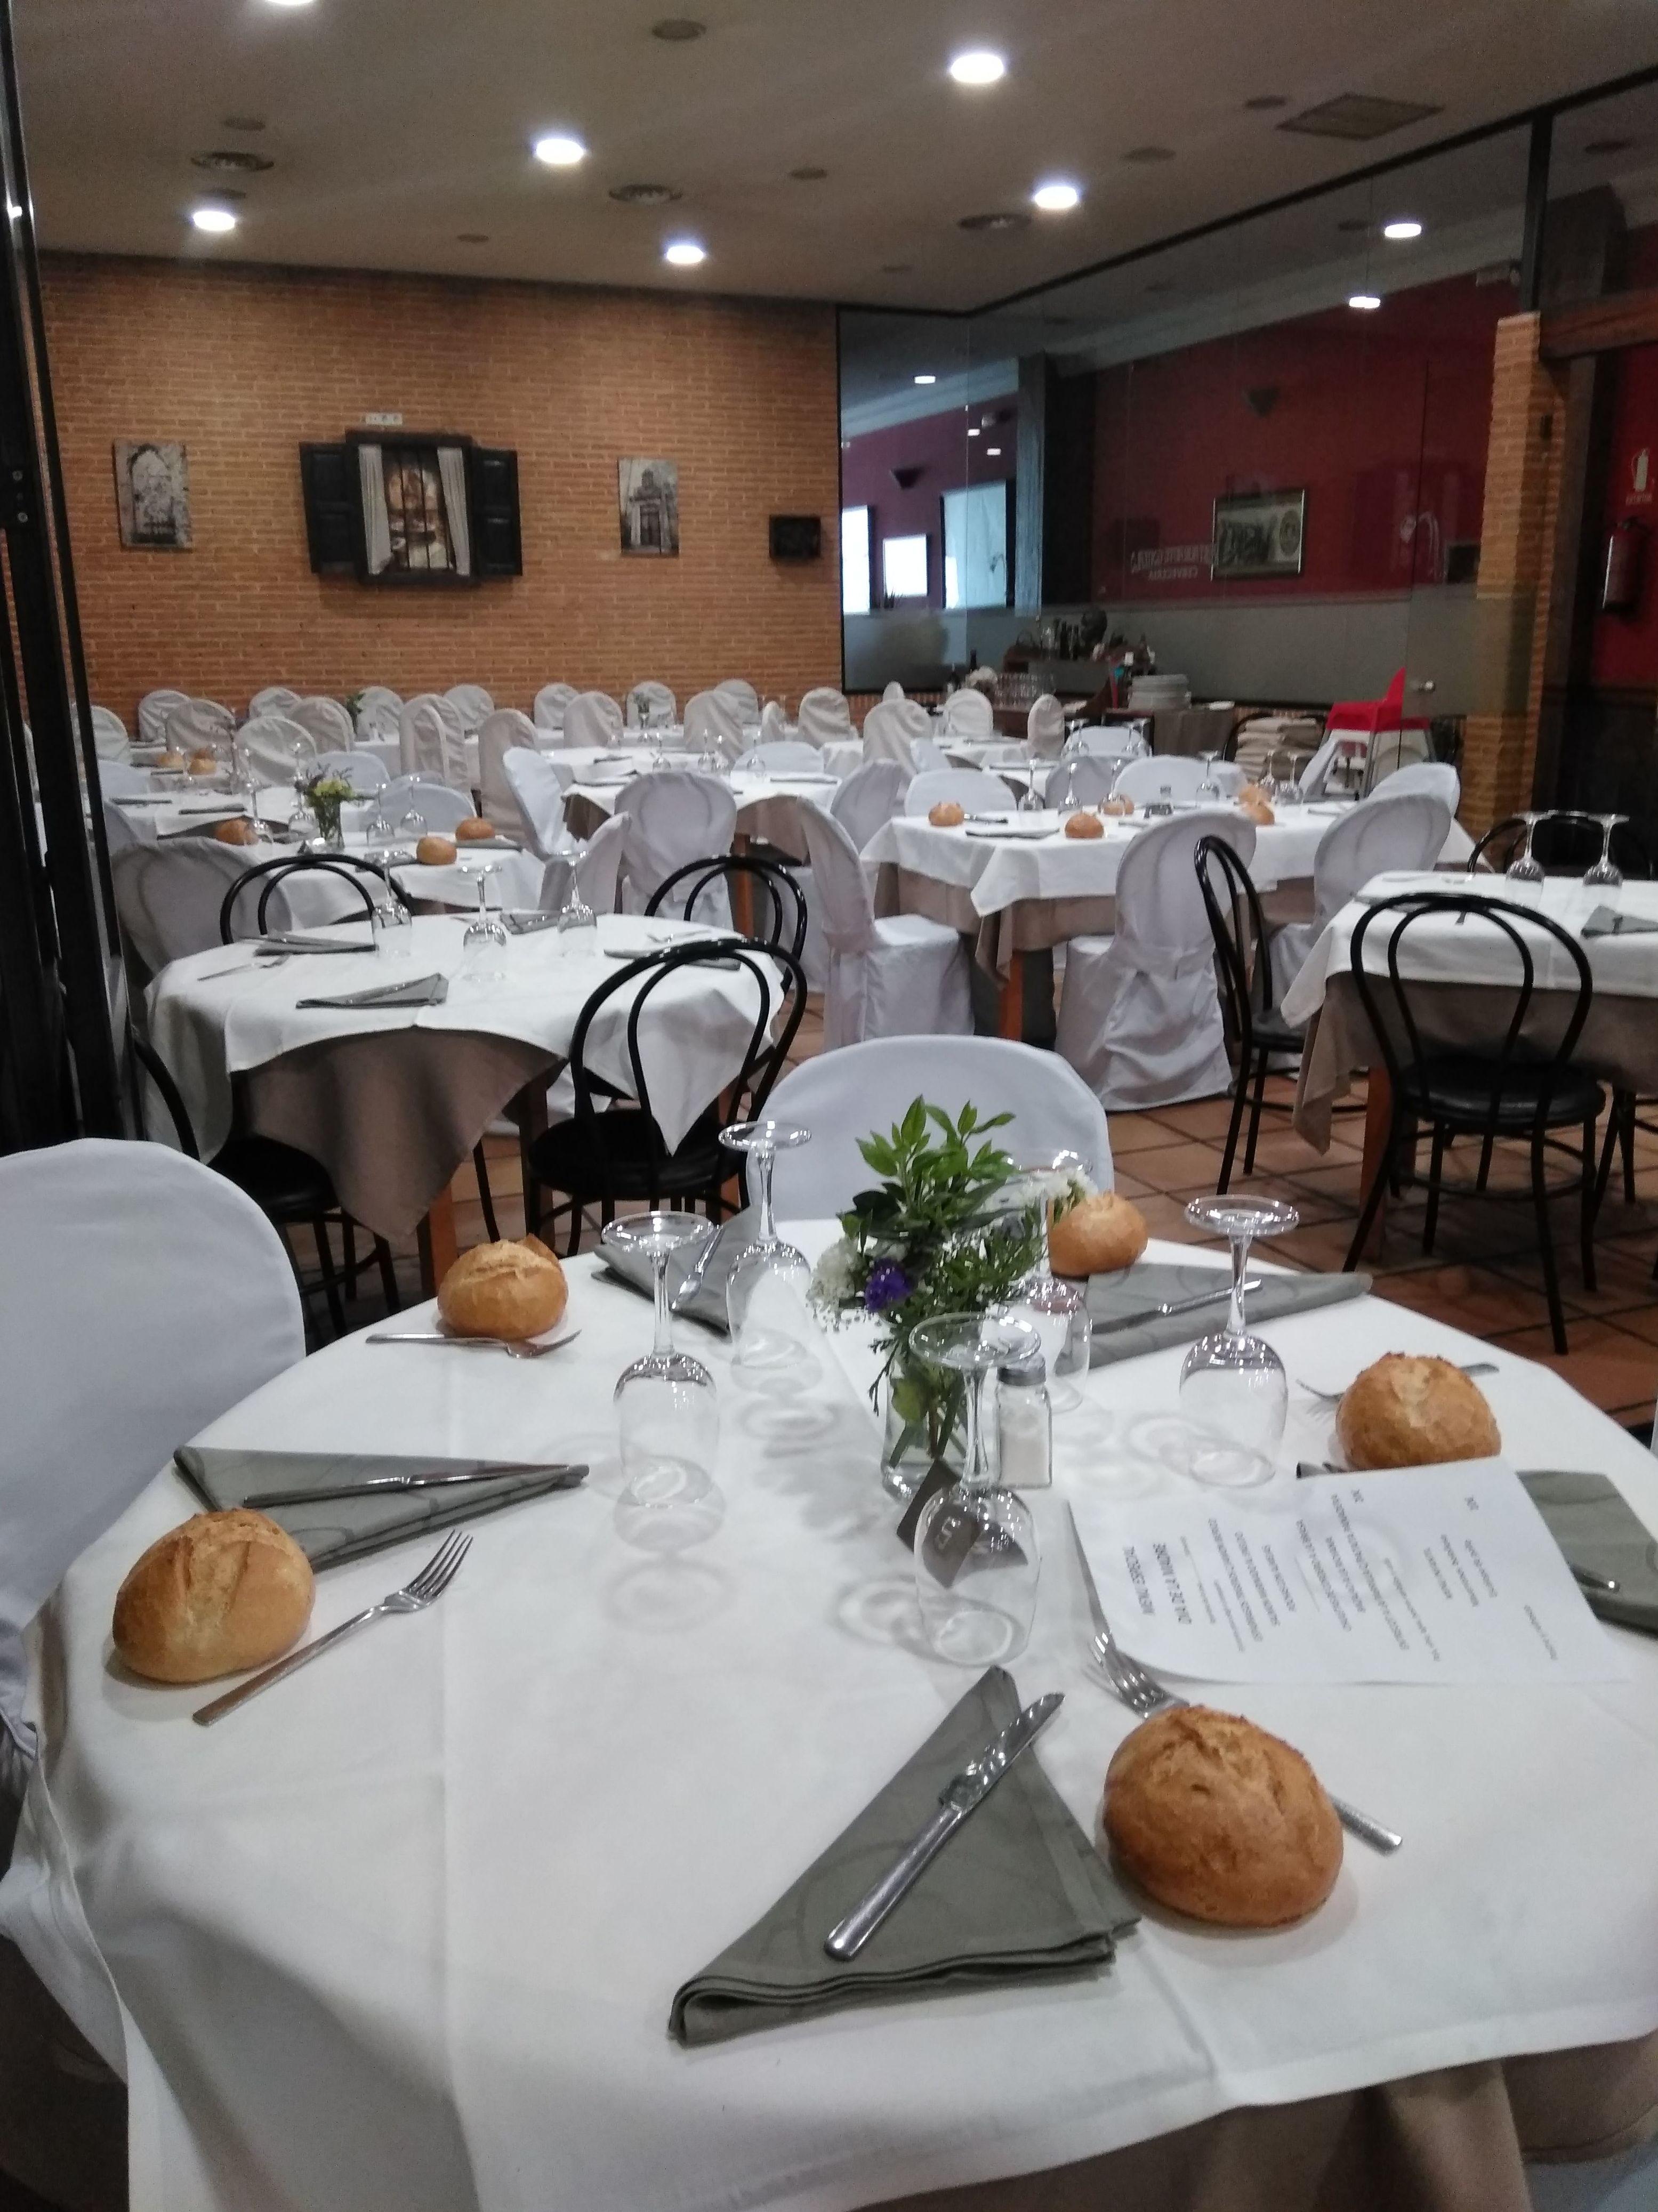 Foto 11 de Cocina castellana en Madrid | Restaurante Gonzalo